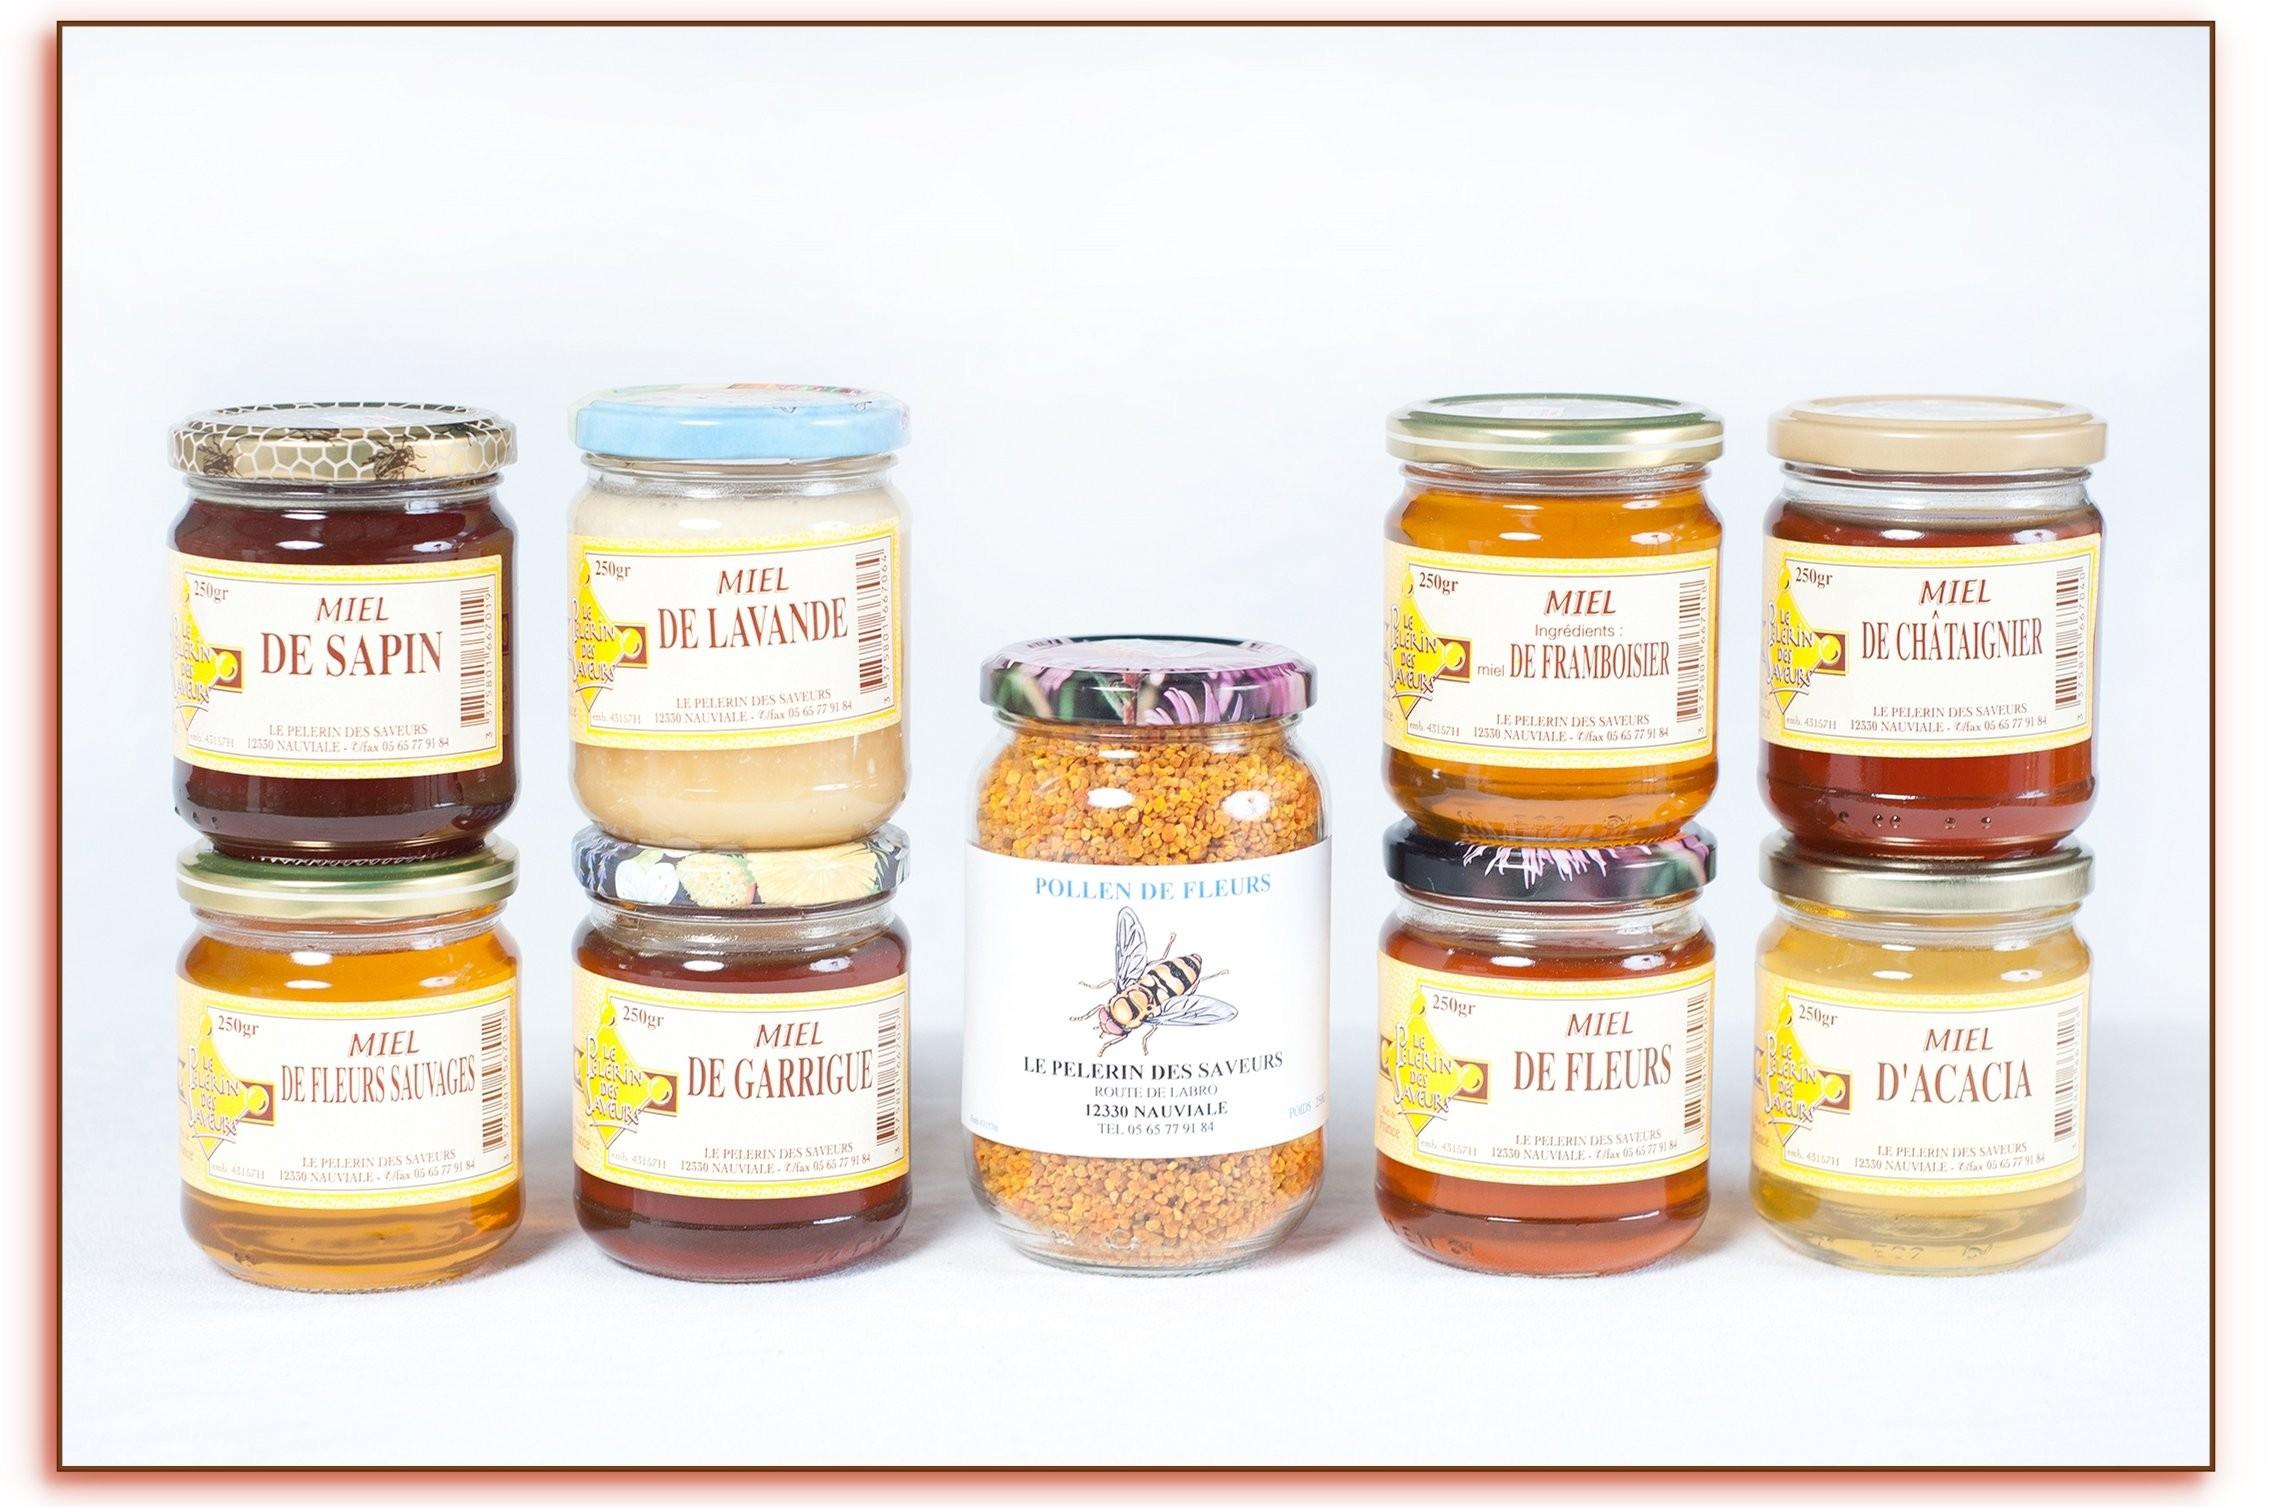 miels-terroir-aveyron